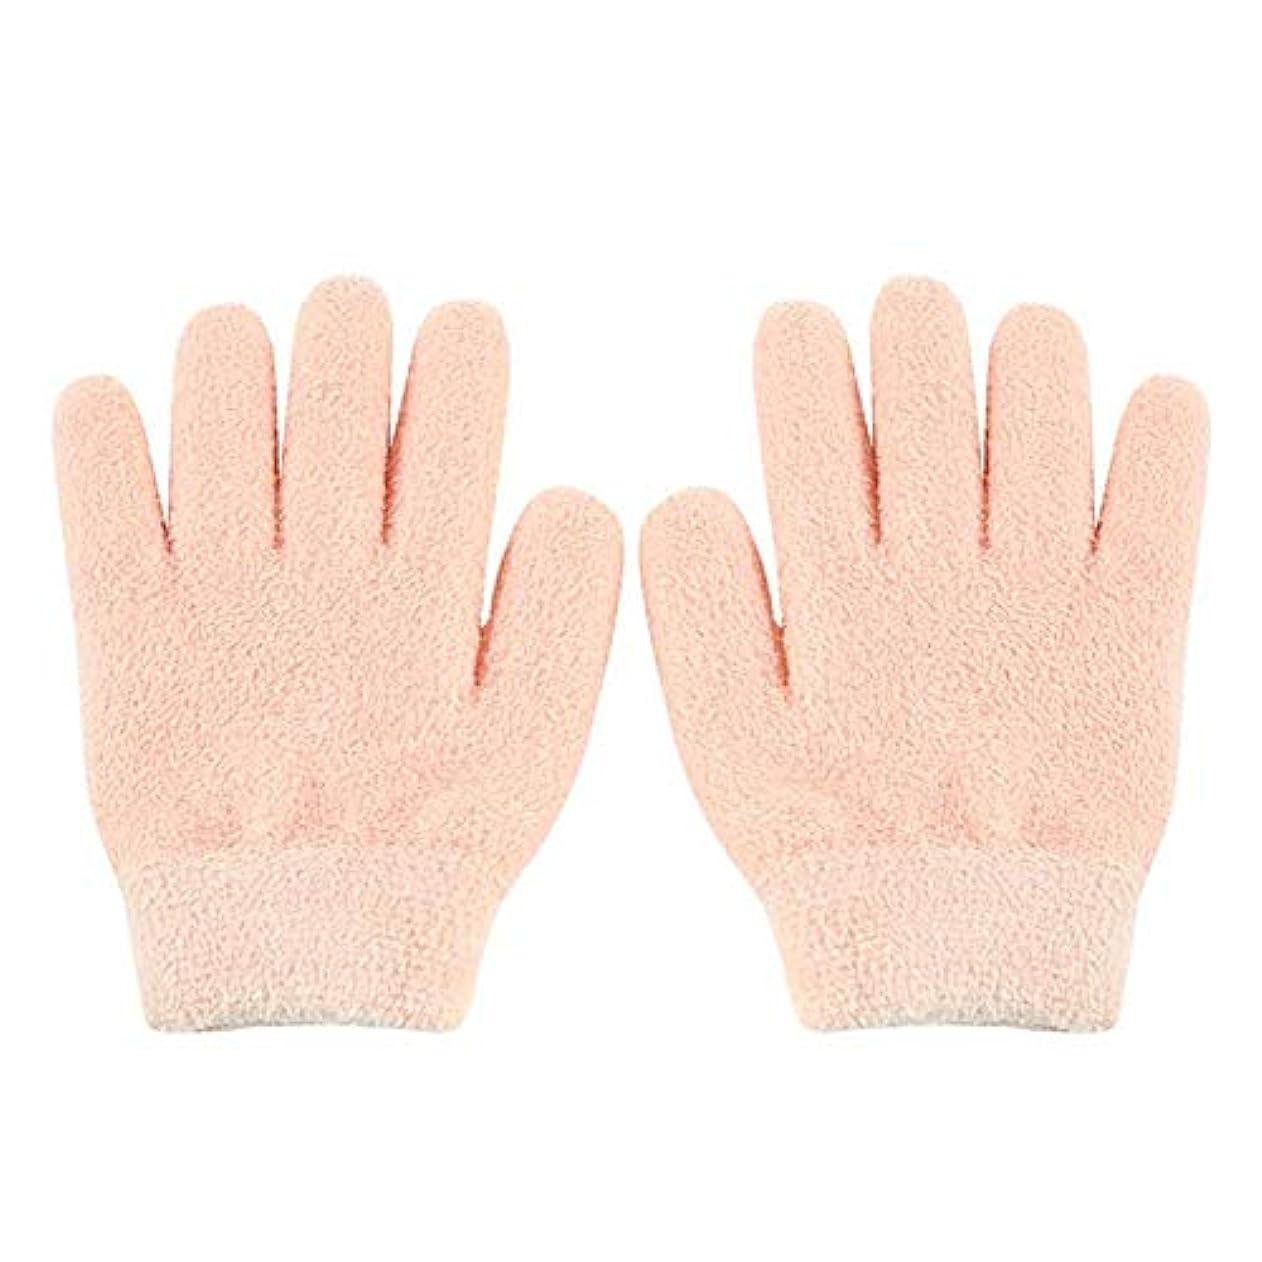 看板住む冷酷なpowlance 手袋 ジェル てぶくろ グローブ 保湿 美肌 ハンドケア 角質ケア 編み物 手荒れ対策 女性用 ビューティー かわいい おしゃれ 肌に優しい